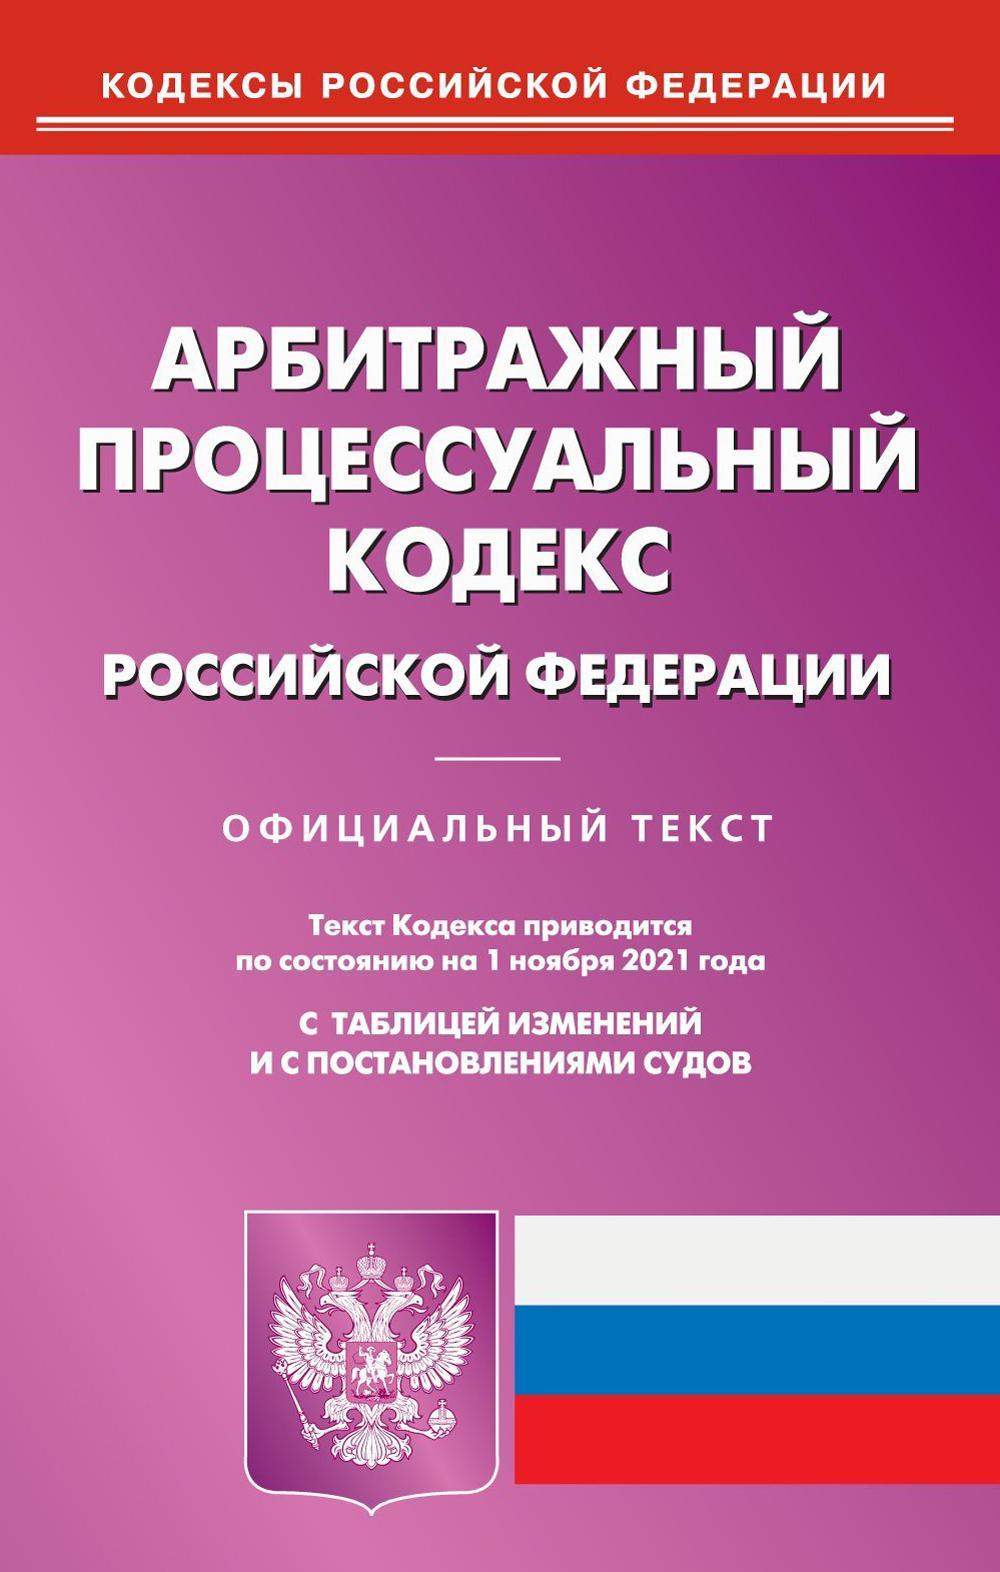 Арбитражный процессуальный кодекс РФ на 01.11.2021